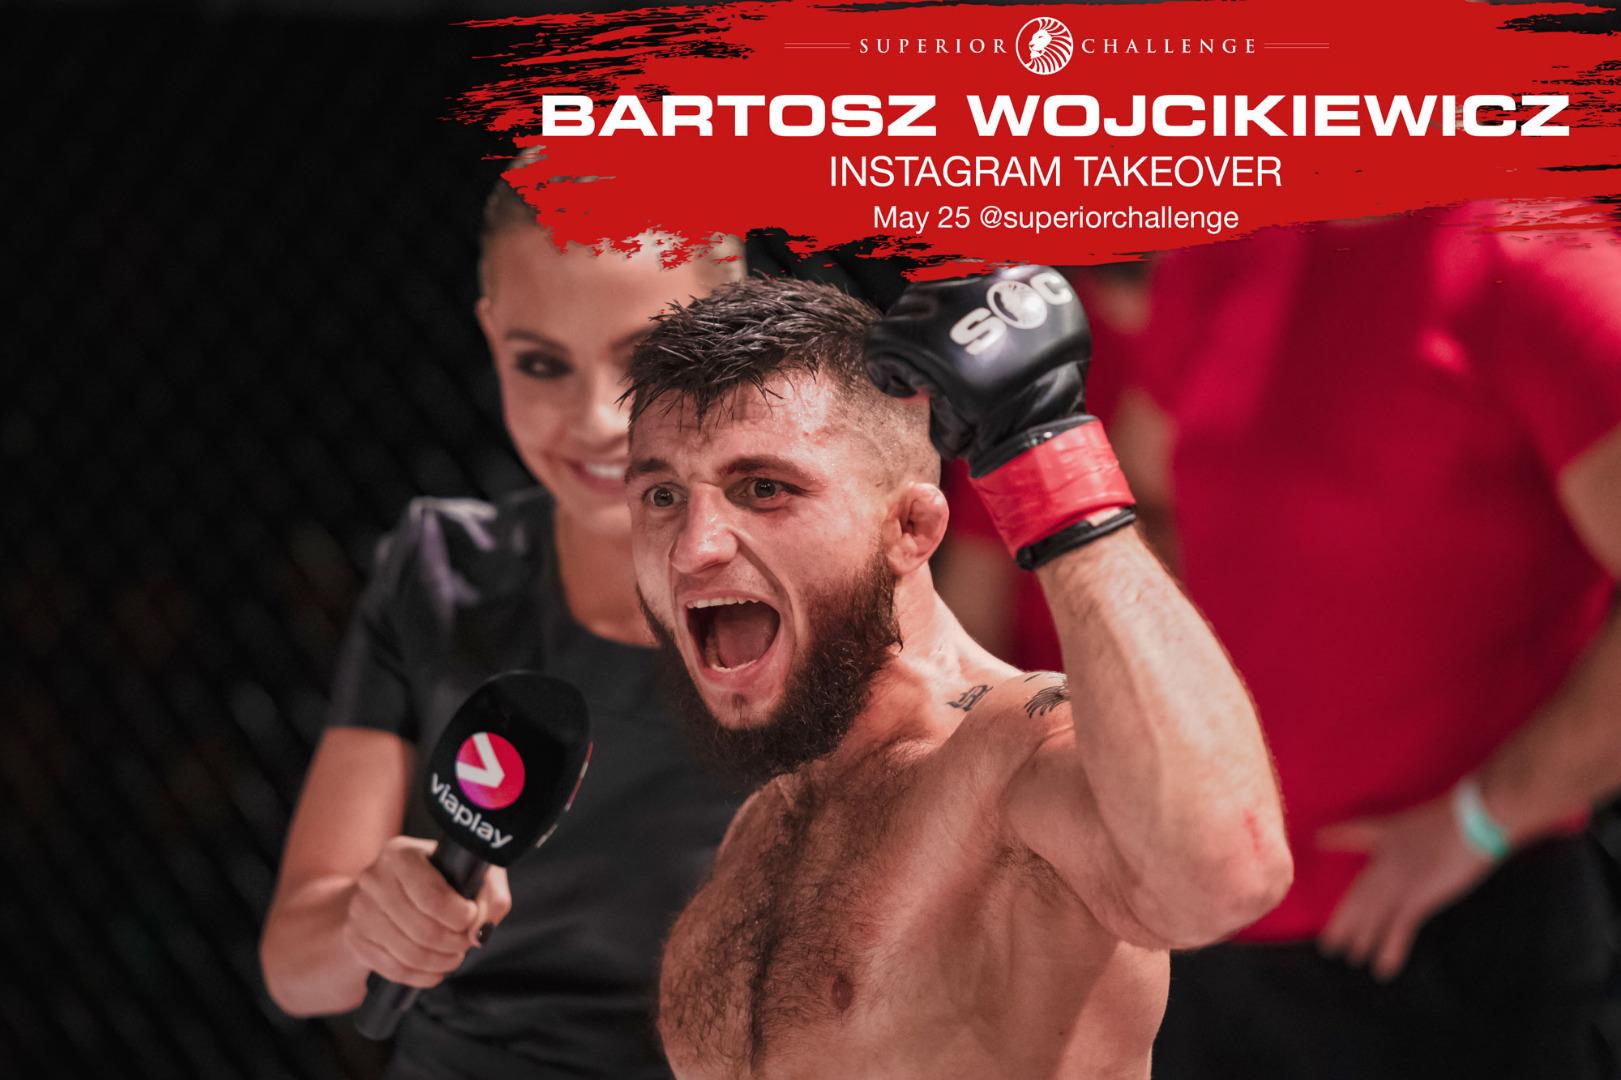 Superior Challenge Instagram Takeover Bartosz Wojcikiewicz May 25